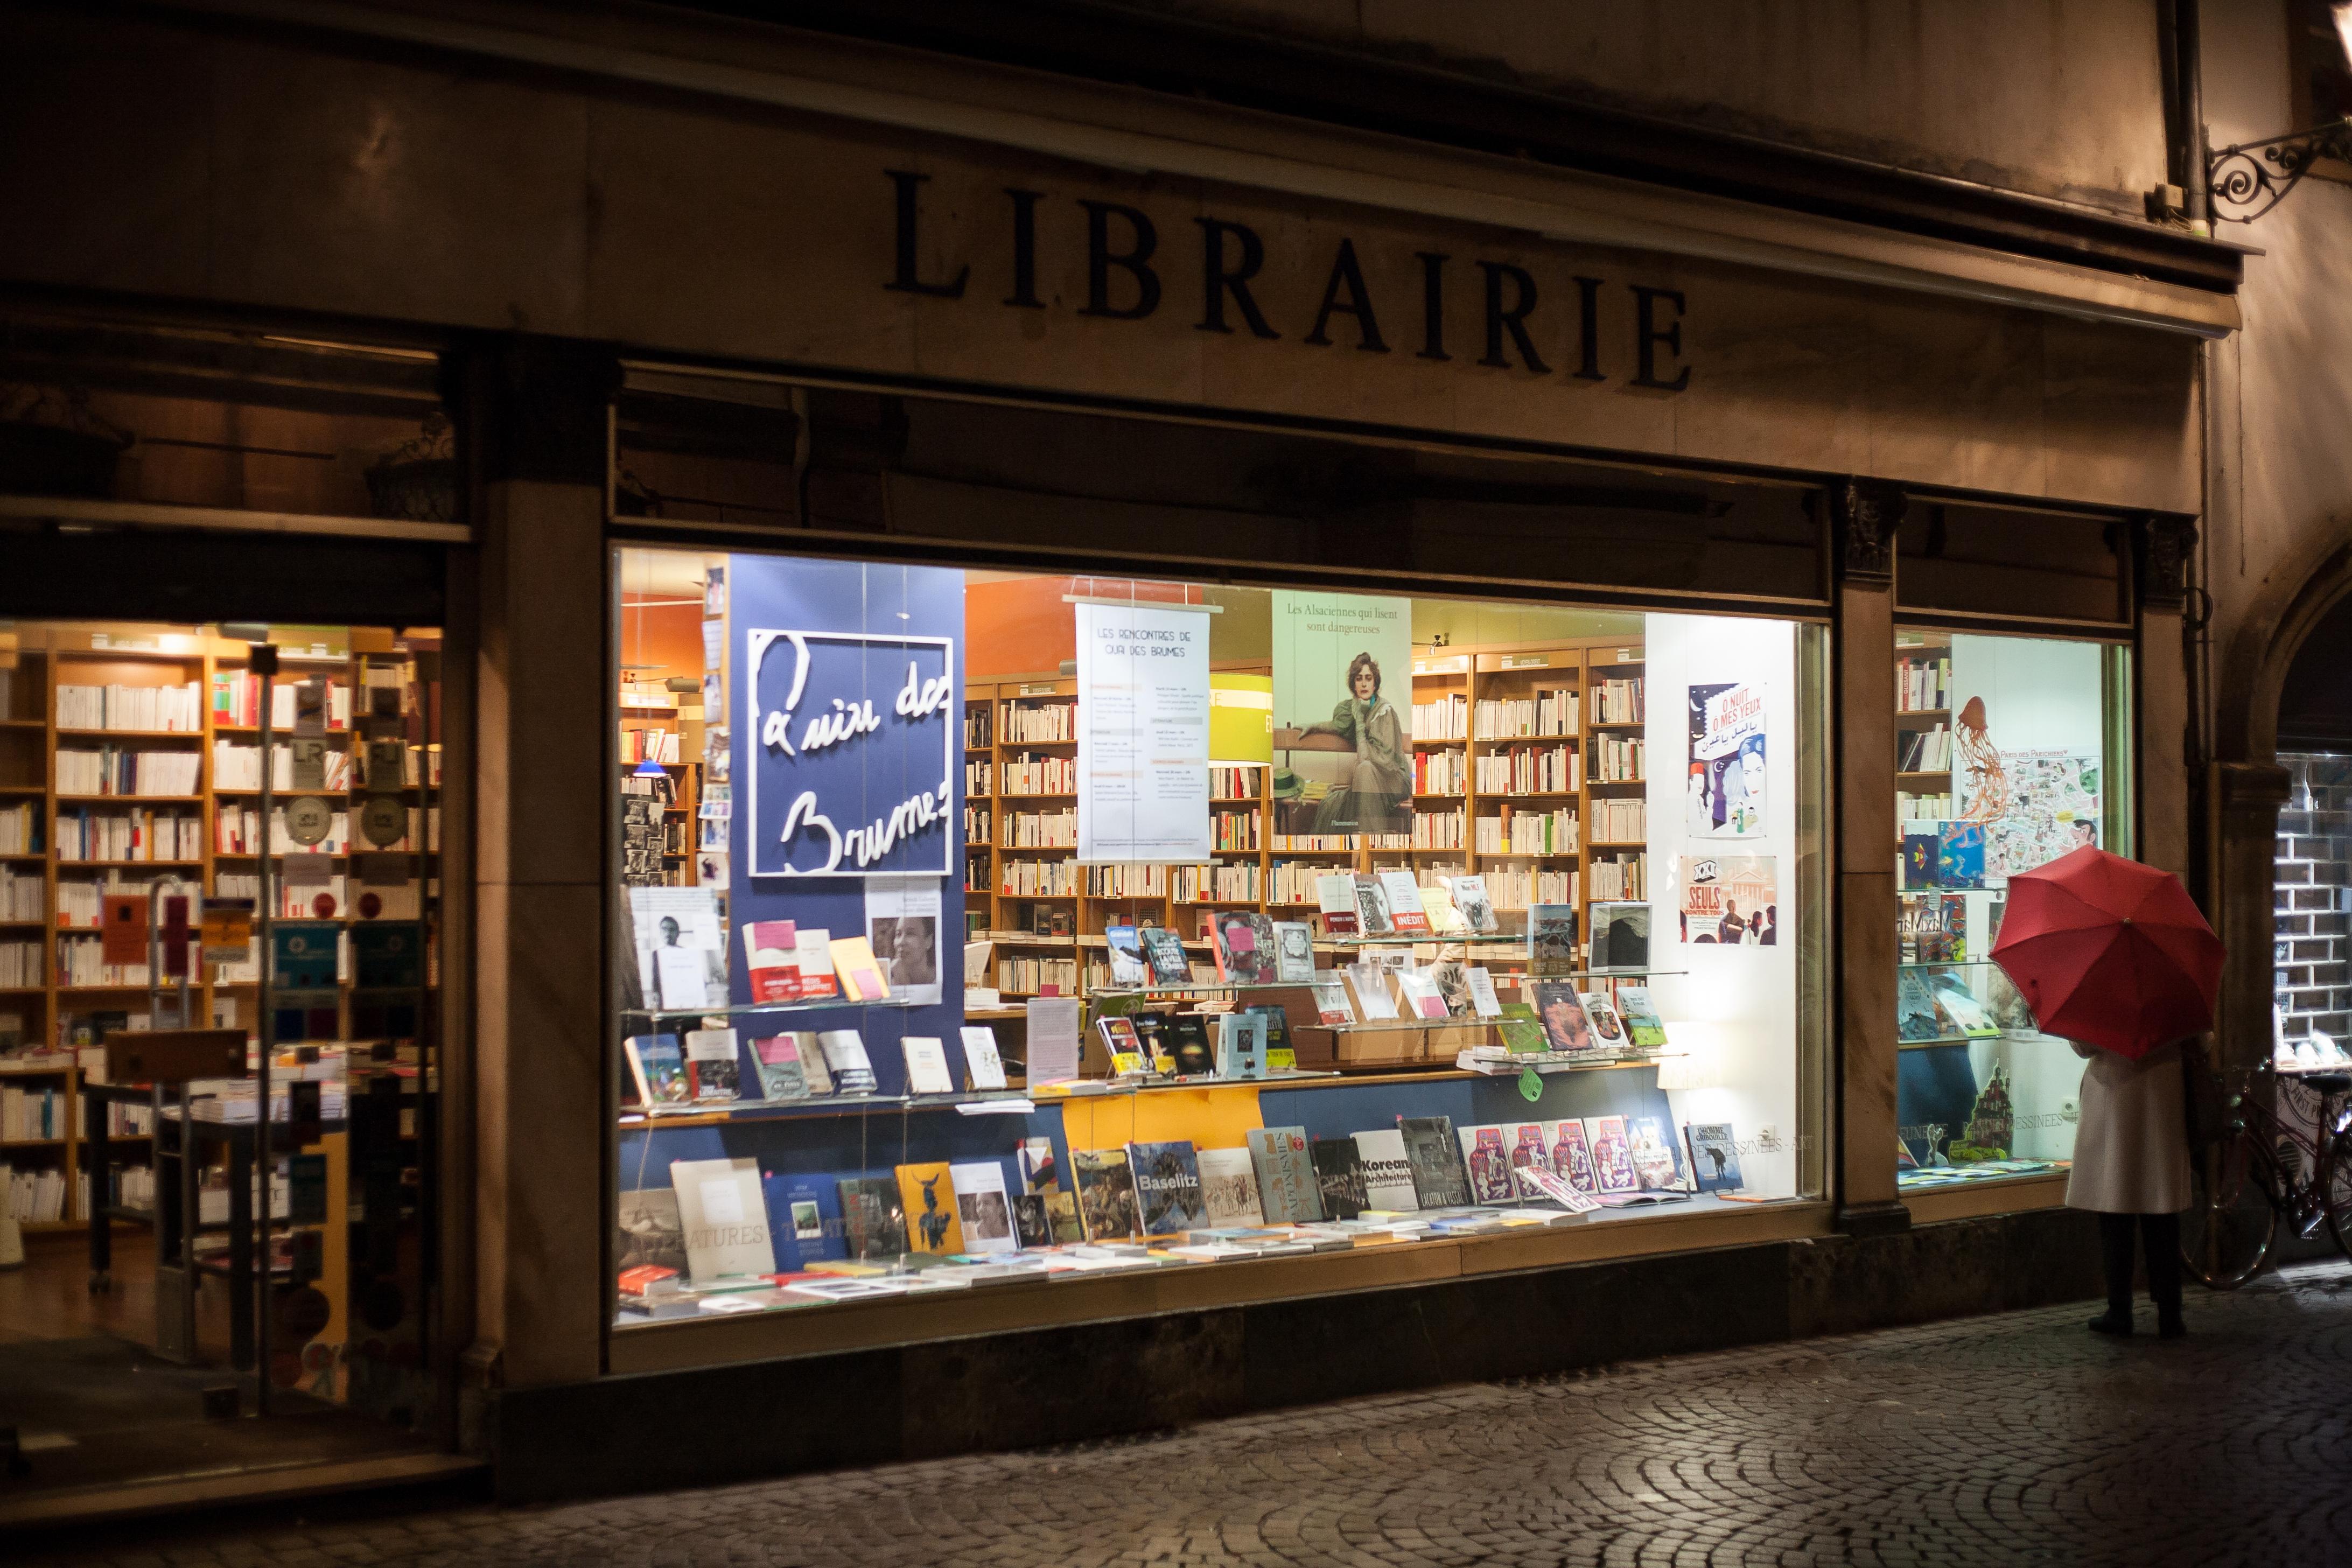 La vitrine de la librairie Quai des Brumes à Strasbourg